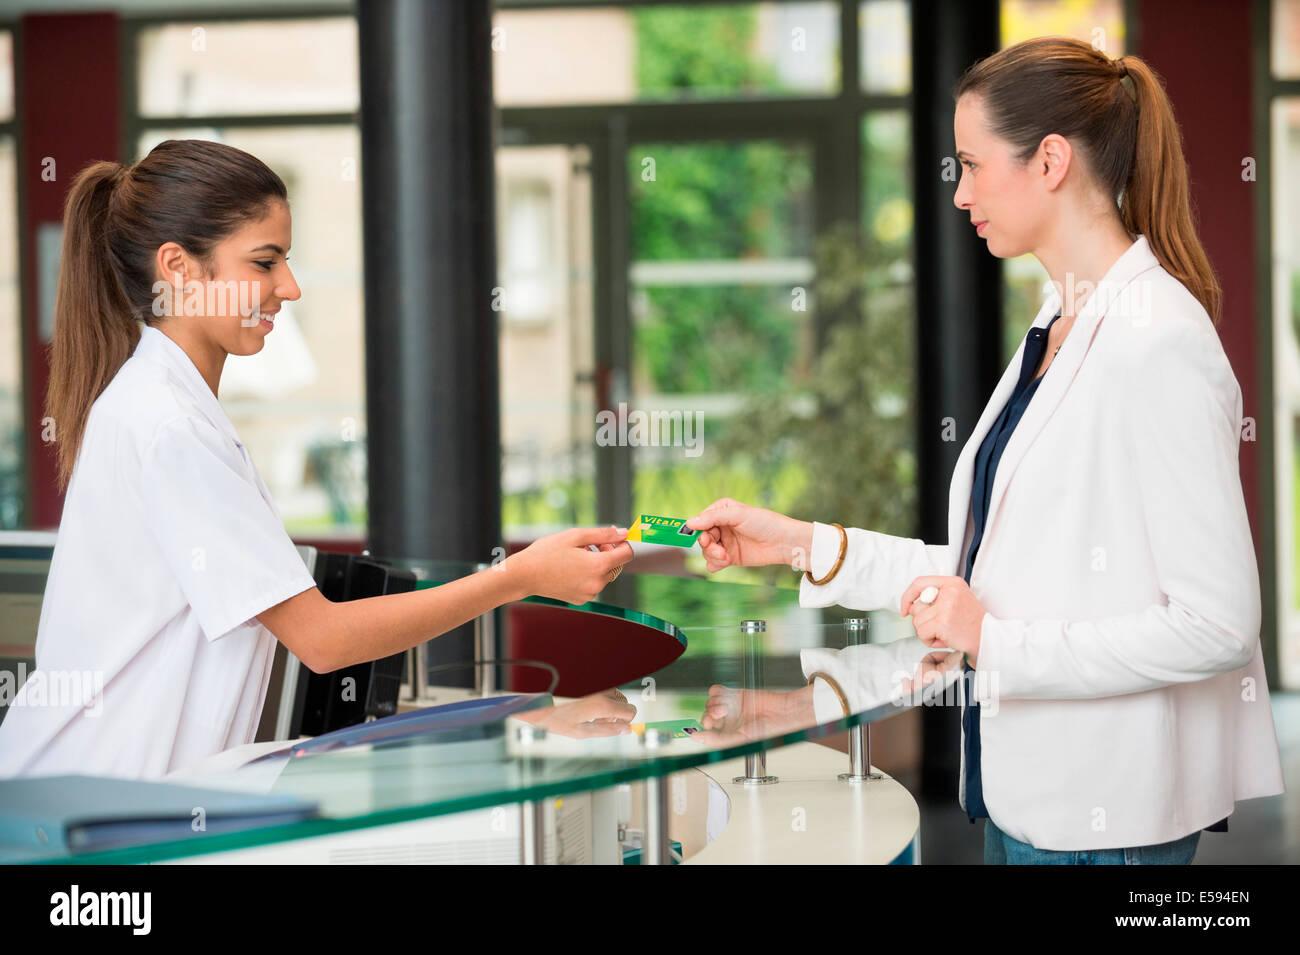 Femme française donnant la carte de sécurité sociale de